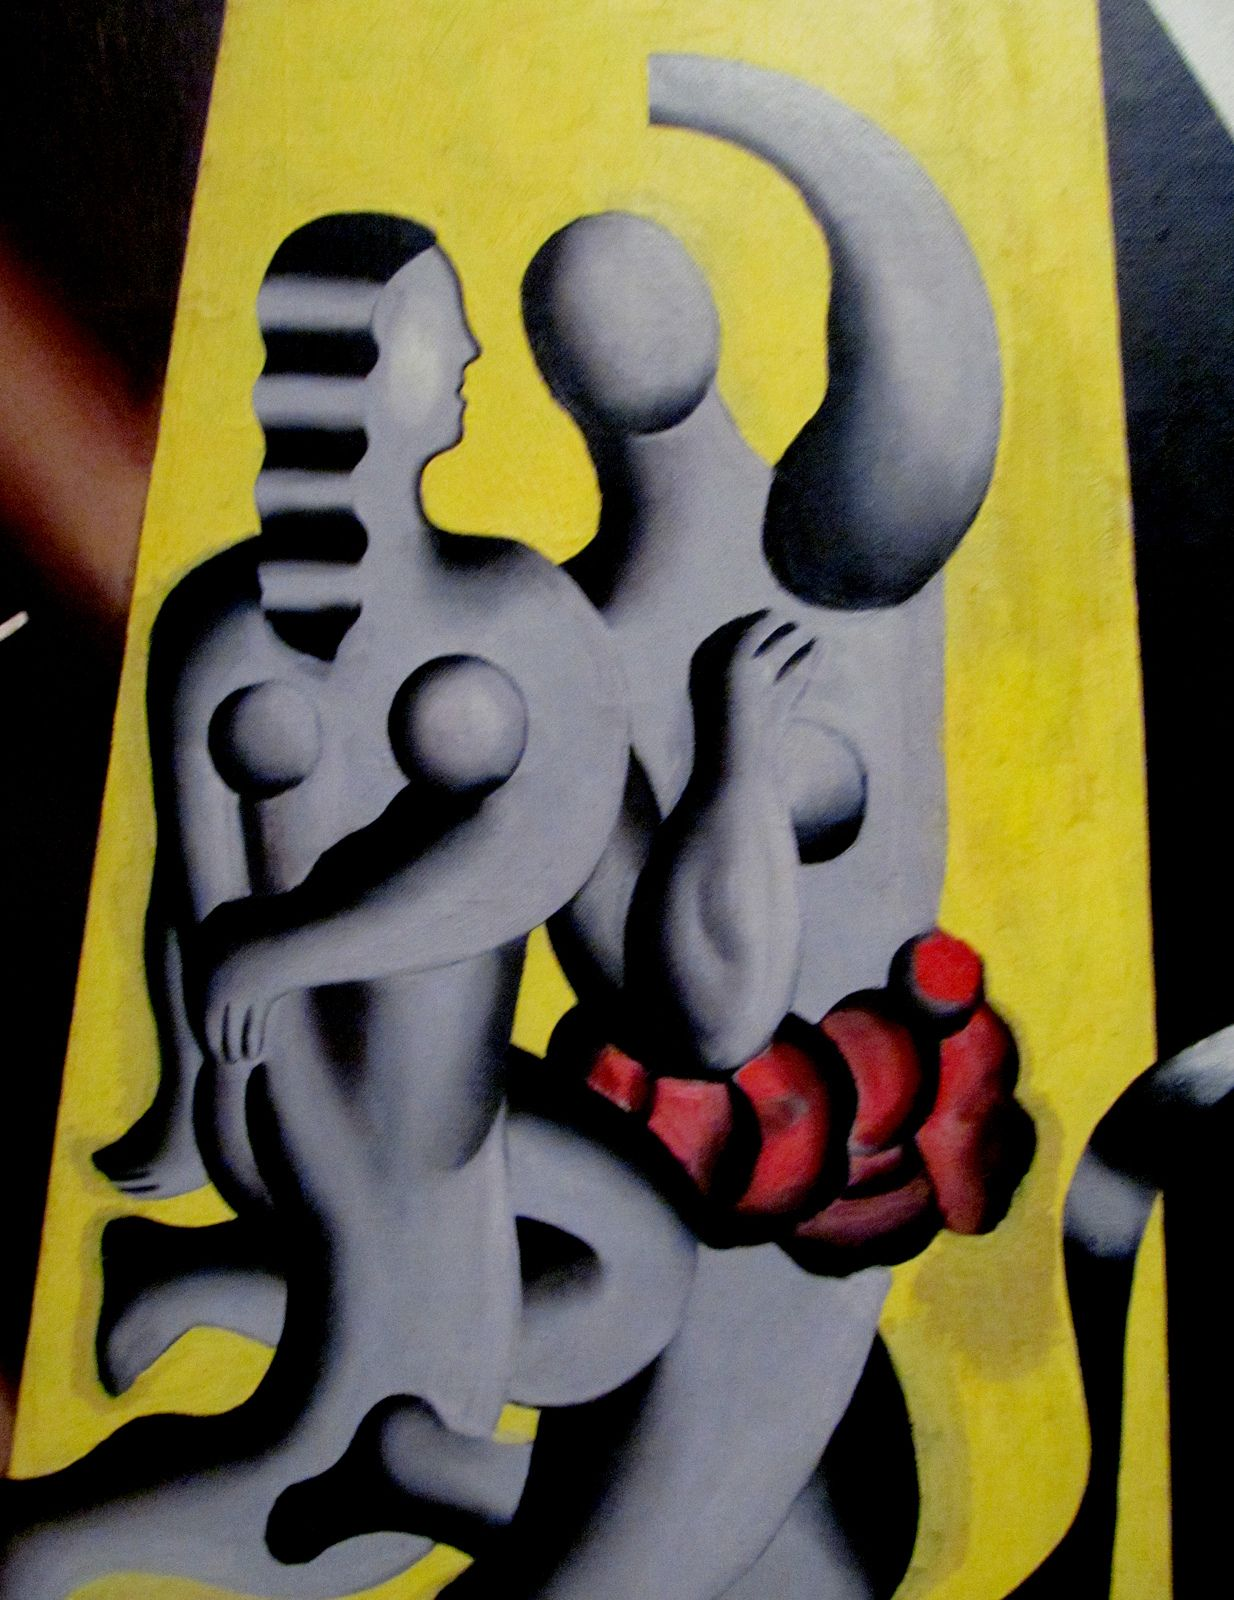 Fernand Léger | (detail) Composition aux Sujets, 1930. Oil on canvas (1881-1955) LACMA